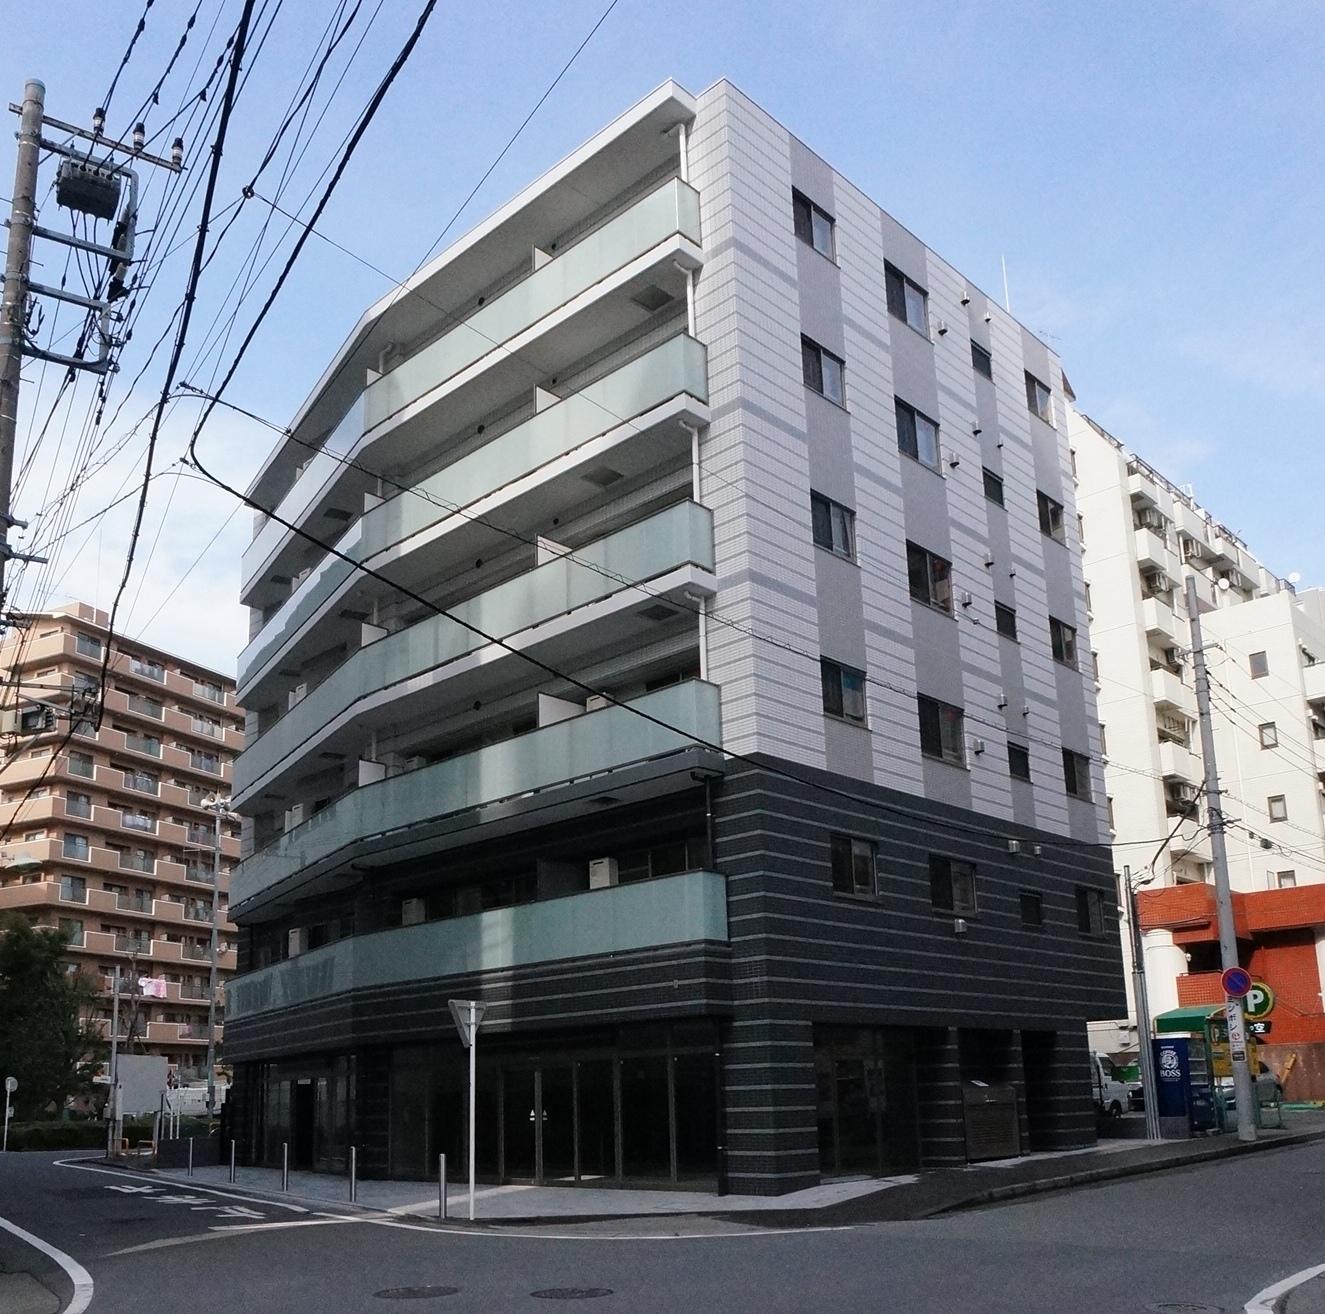 ヴィクトワール フルーヴⅥ<br /> 2014年2月竣工<br /> 6階・1LDK(20戸)・店舗(1戸)